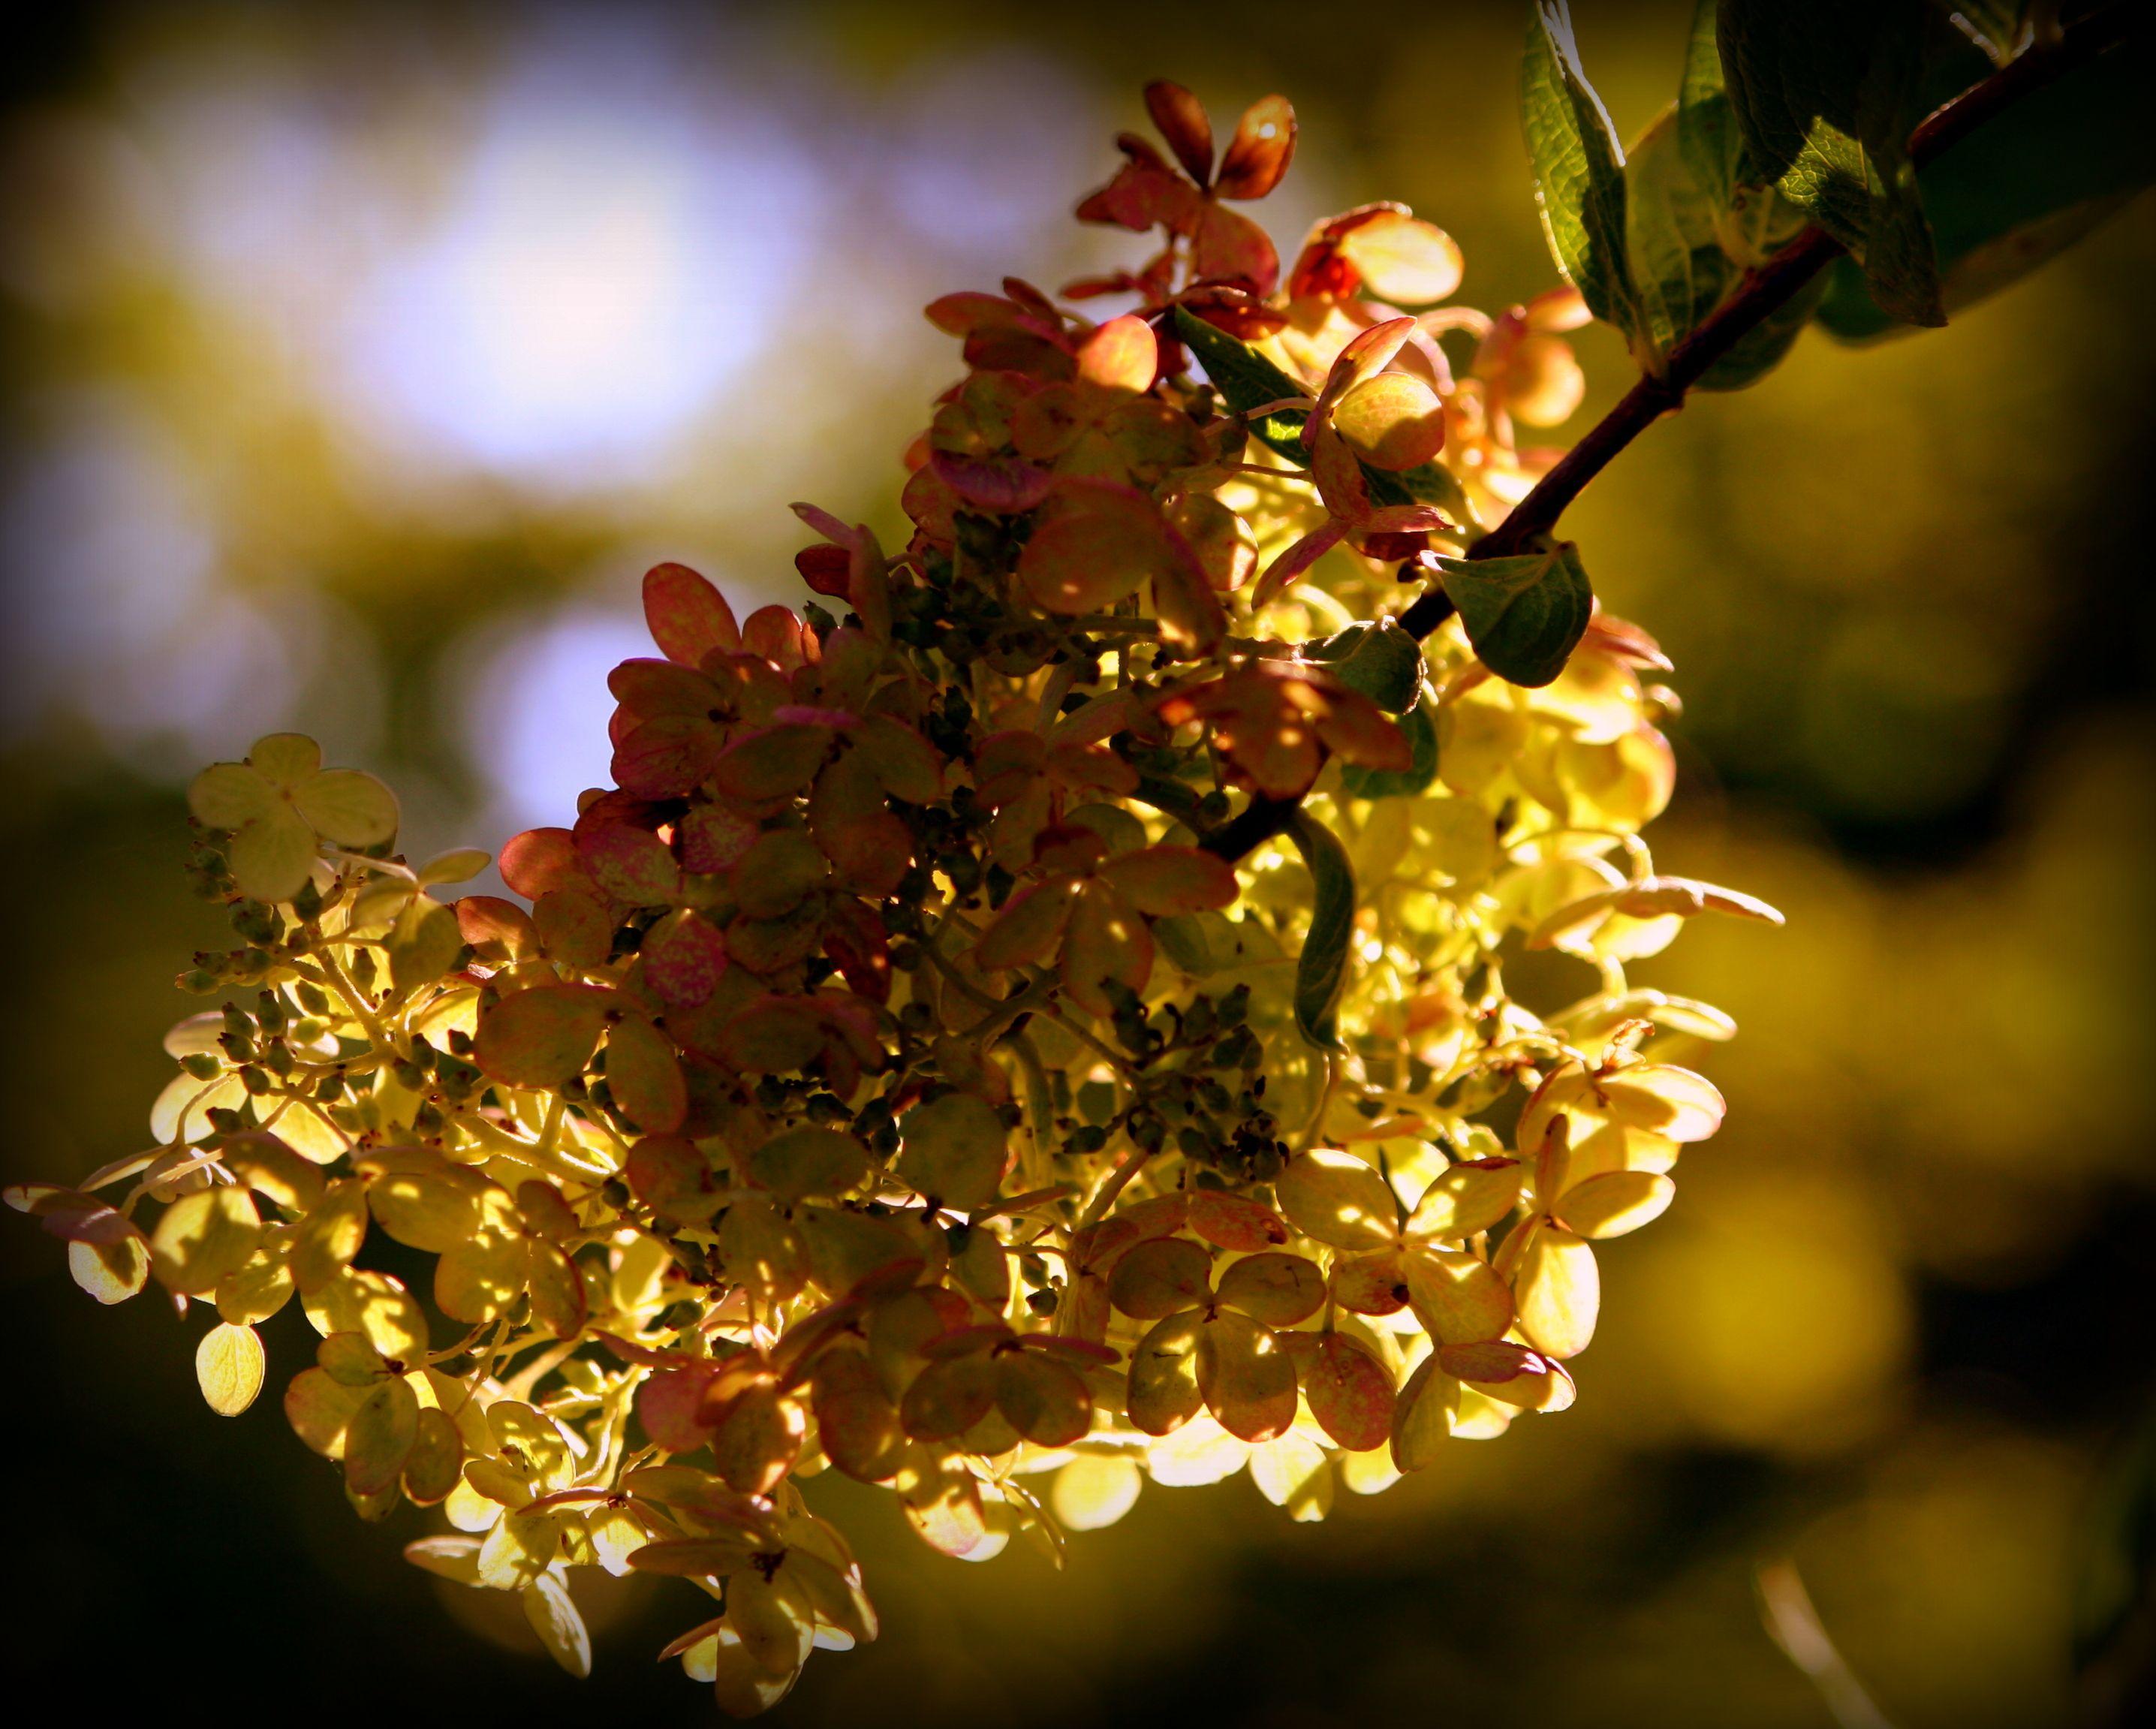 Hydrangea in sunlight hydrangea grapes fruit